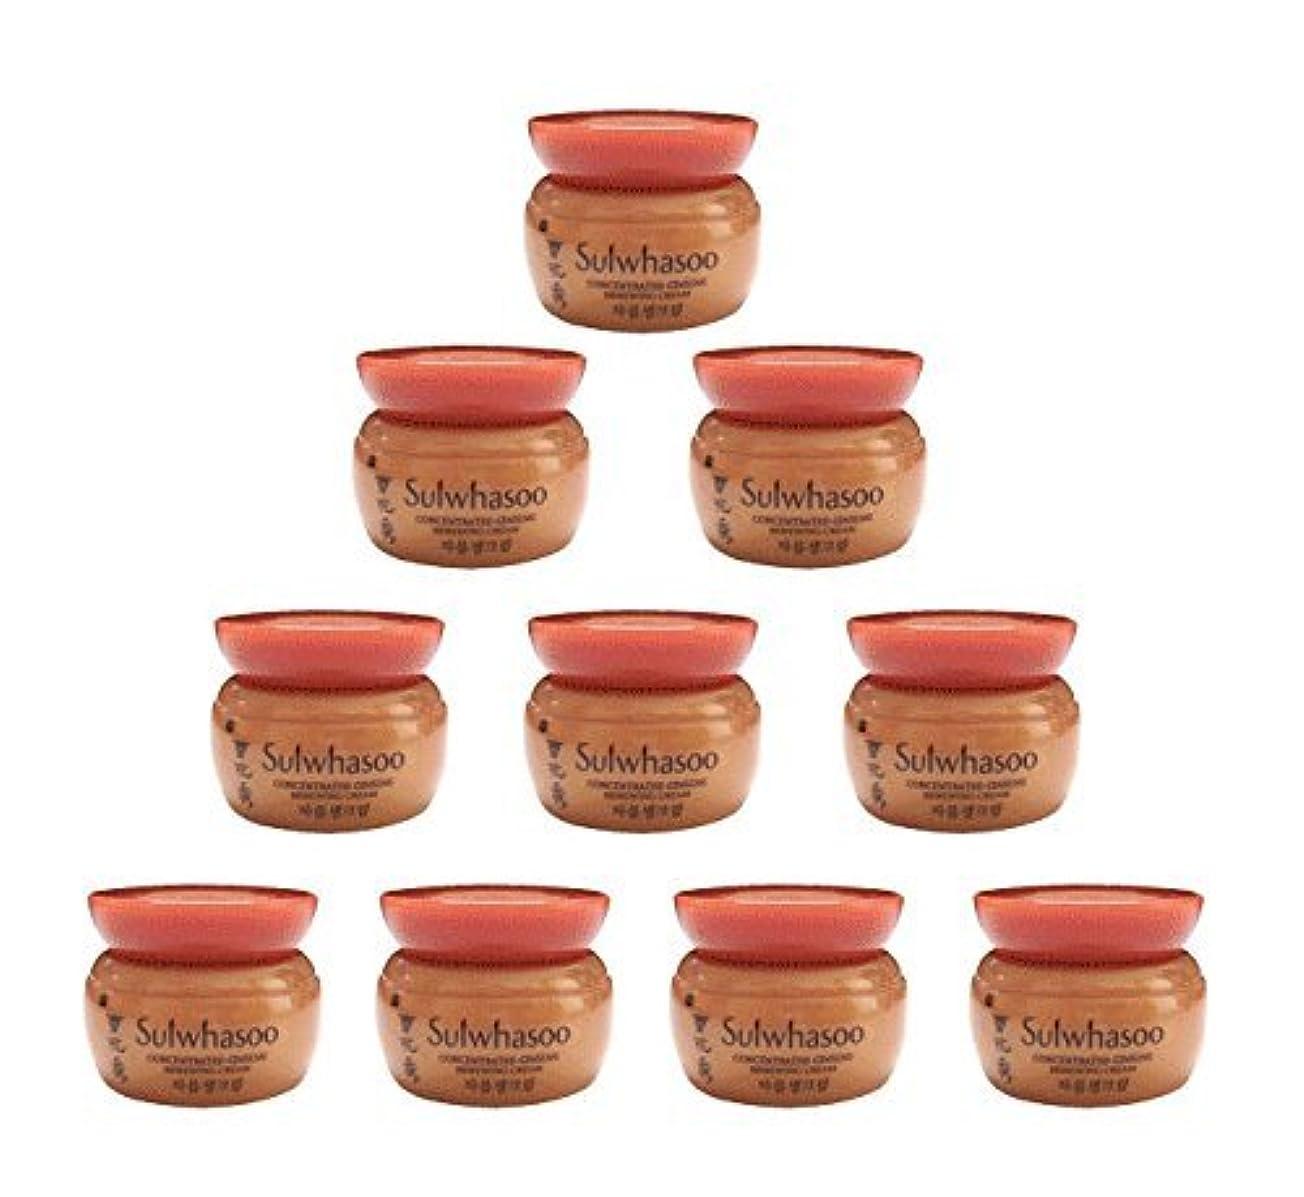 コモランマショッキングガロン【ソルファス 雪花秀 Sulwhasoo】 Concentrated Ginseng Renewing Cream(50ml) 5ml x 10個 韓国化粧品 ブランドのサンプル [並行輸入品]